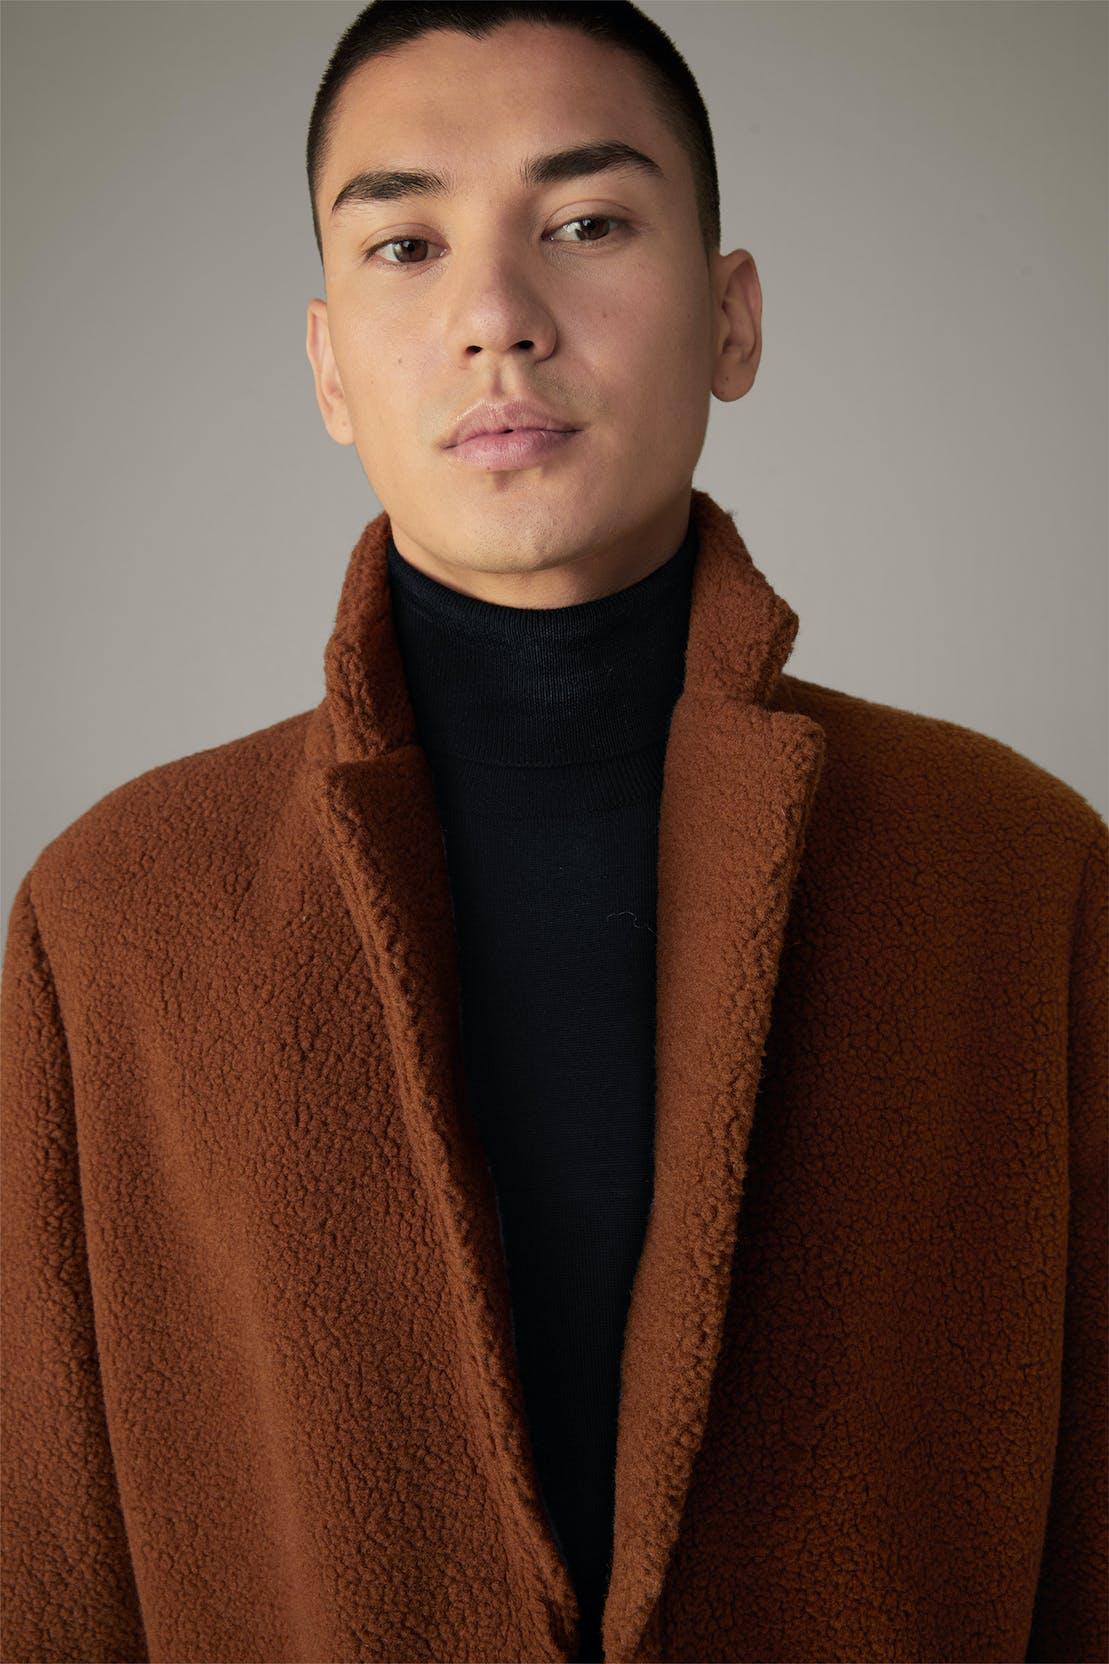 Manteau Adria Teddy, marron